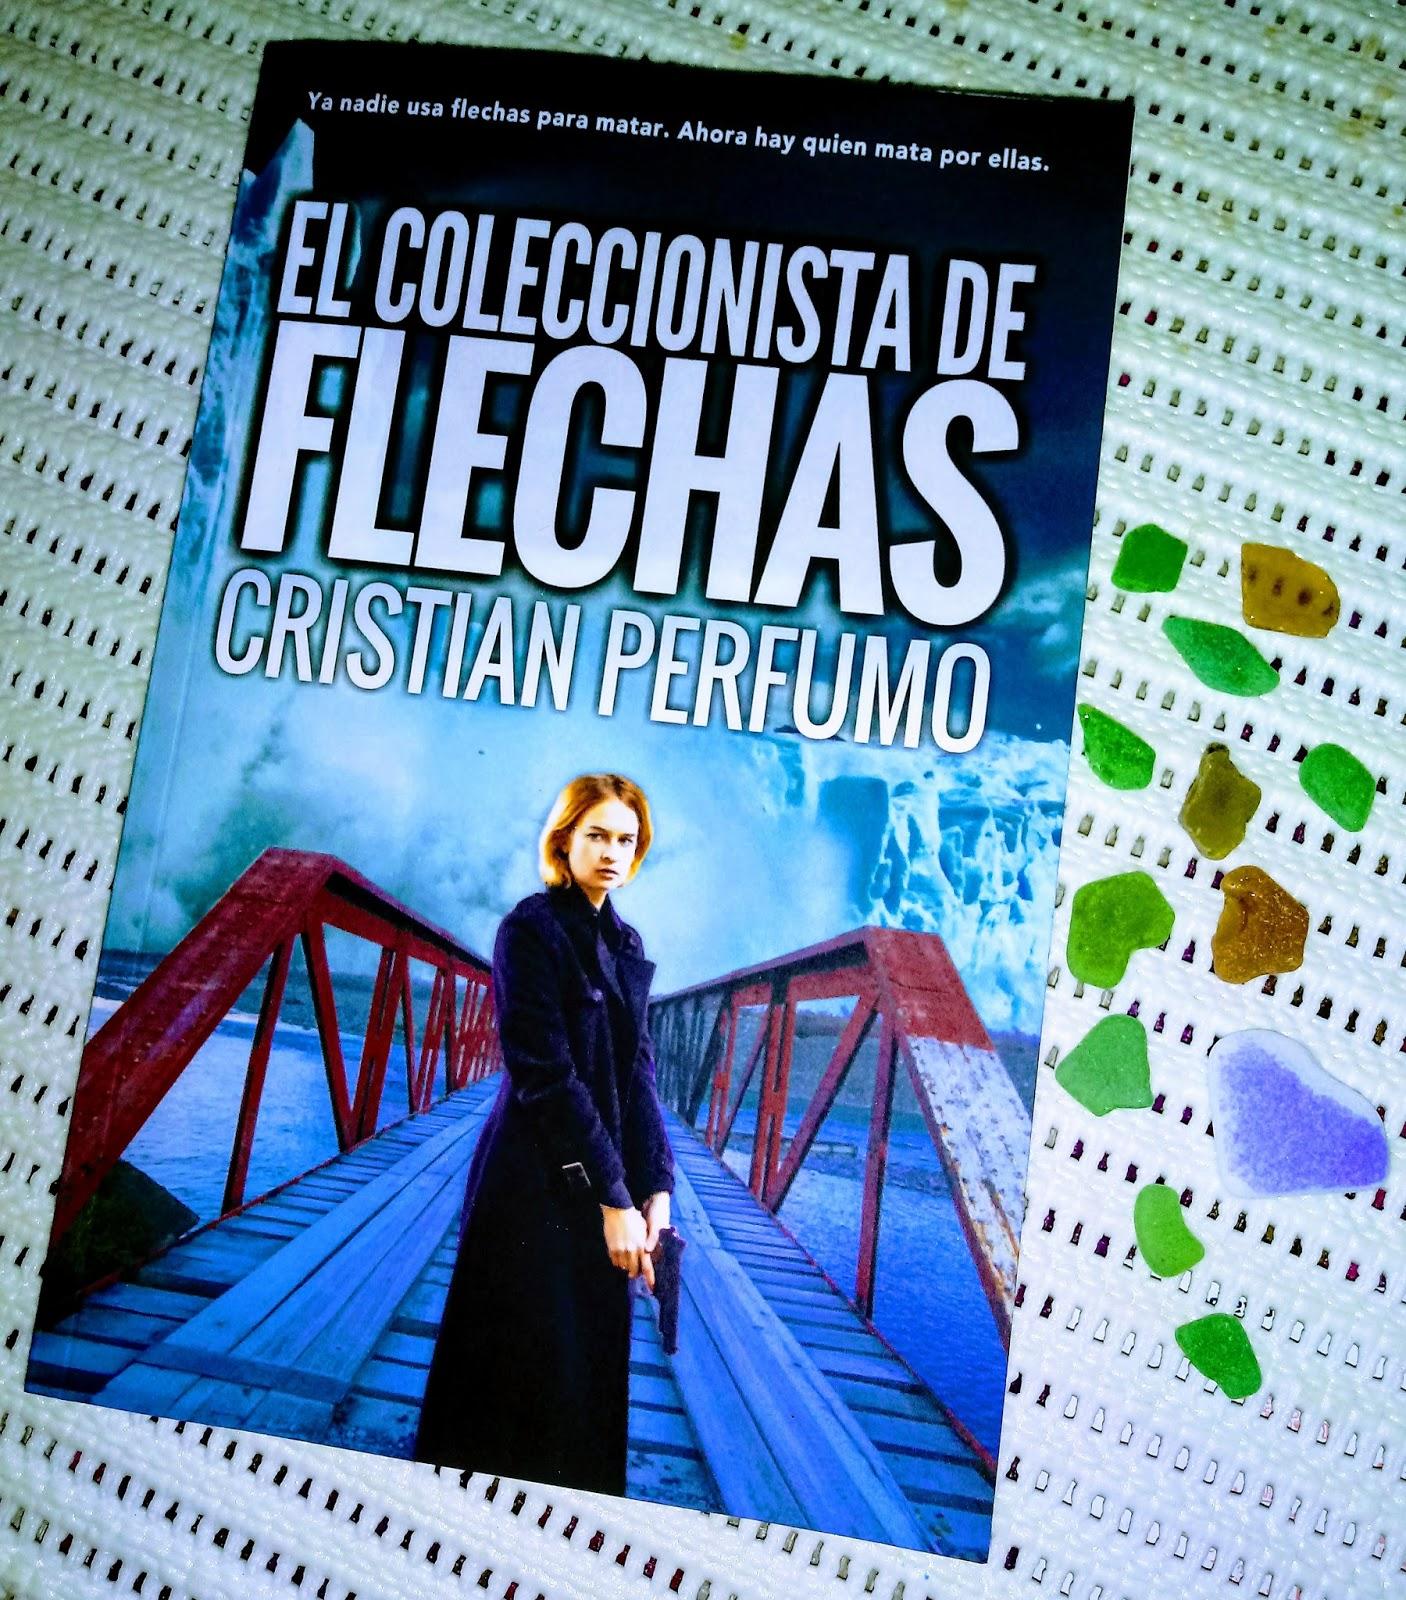 Vamos pues con la portada y la sinopsis de esta novela. Me encanta la  portada! Taaaaaaaaaaan azul con lo que me gusta a mí ese color jiji.